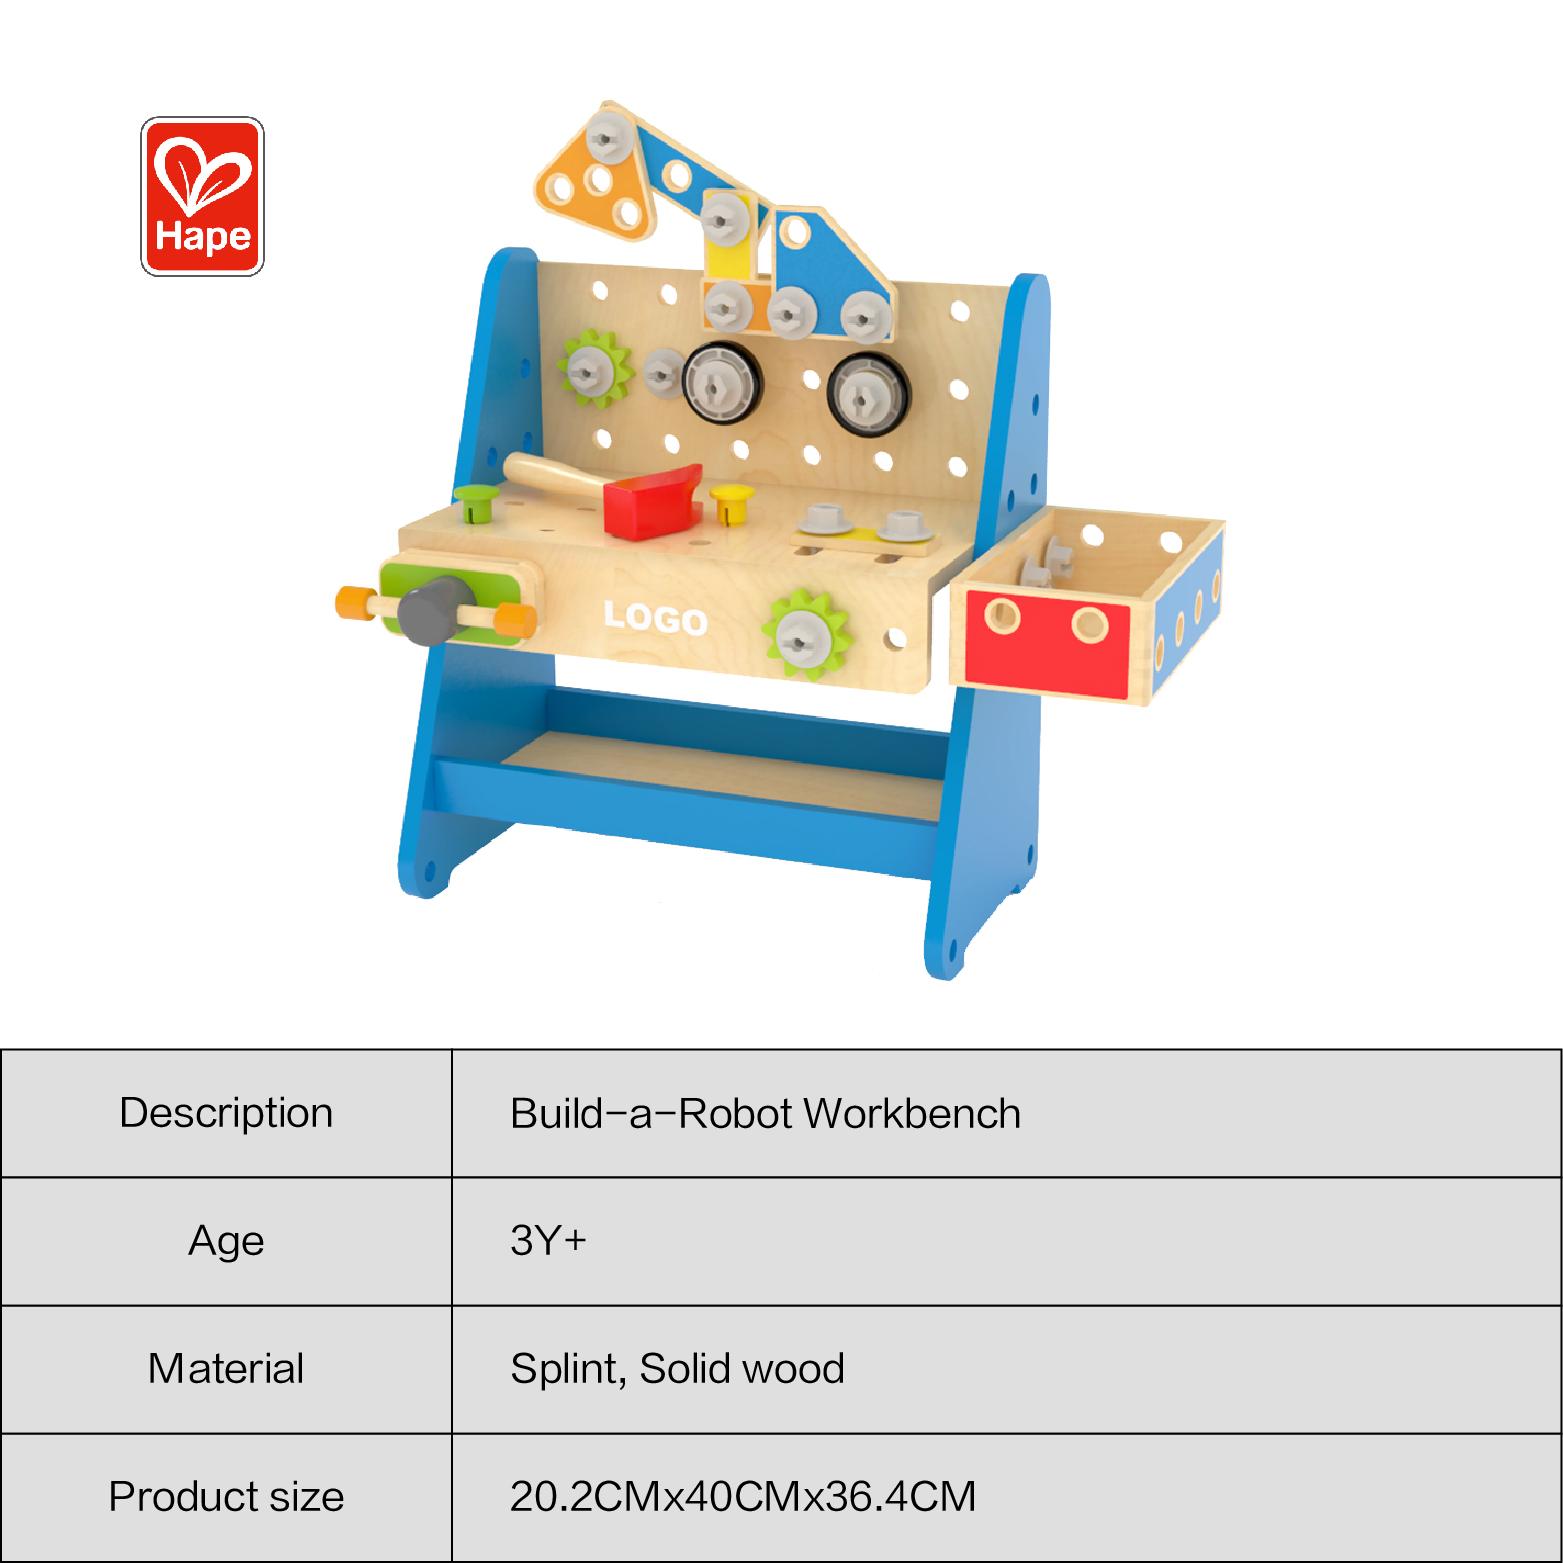 Развивающие детские нетоксичные популярные детские деревянные инструменты, набор игрушек для детей, игровые инструменты